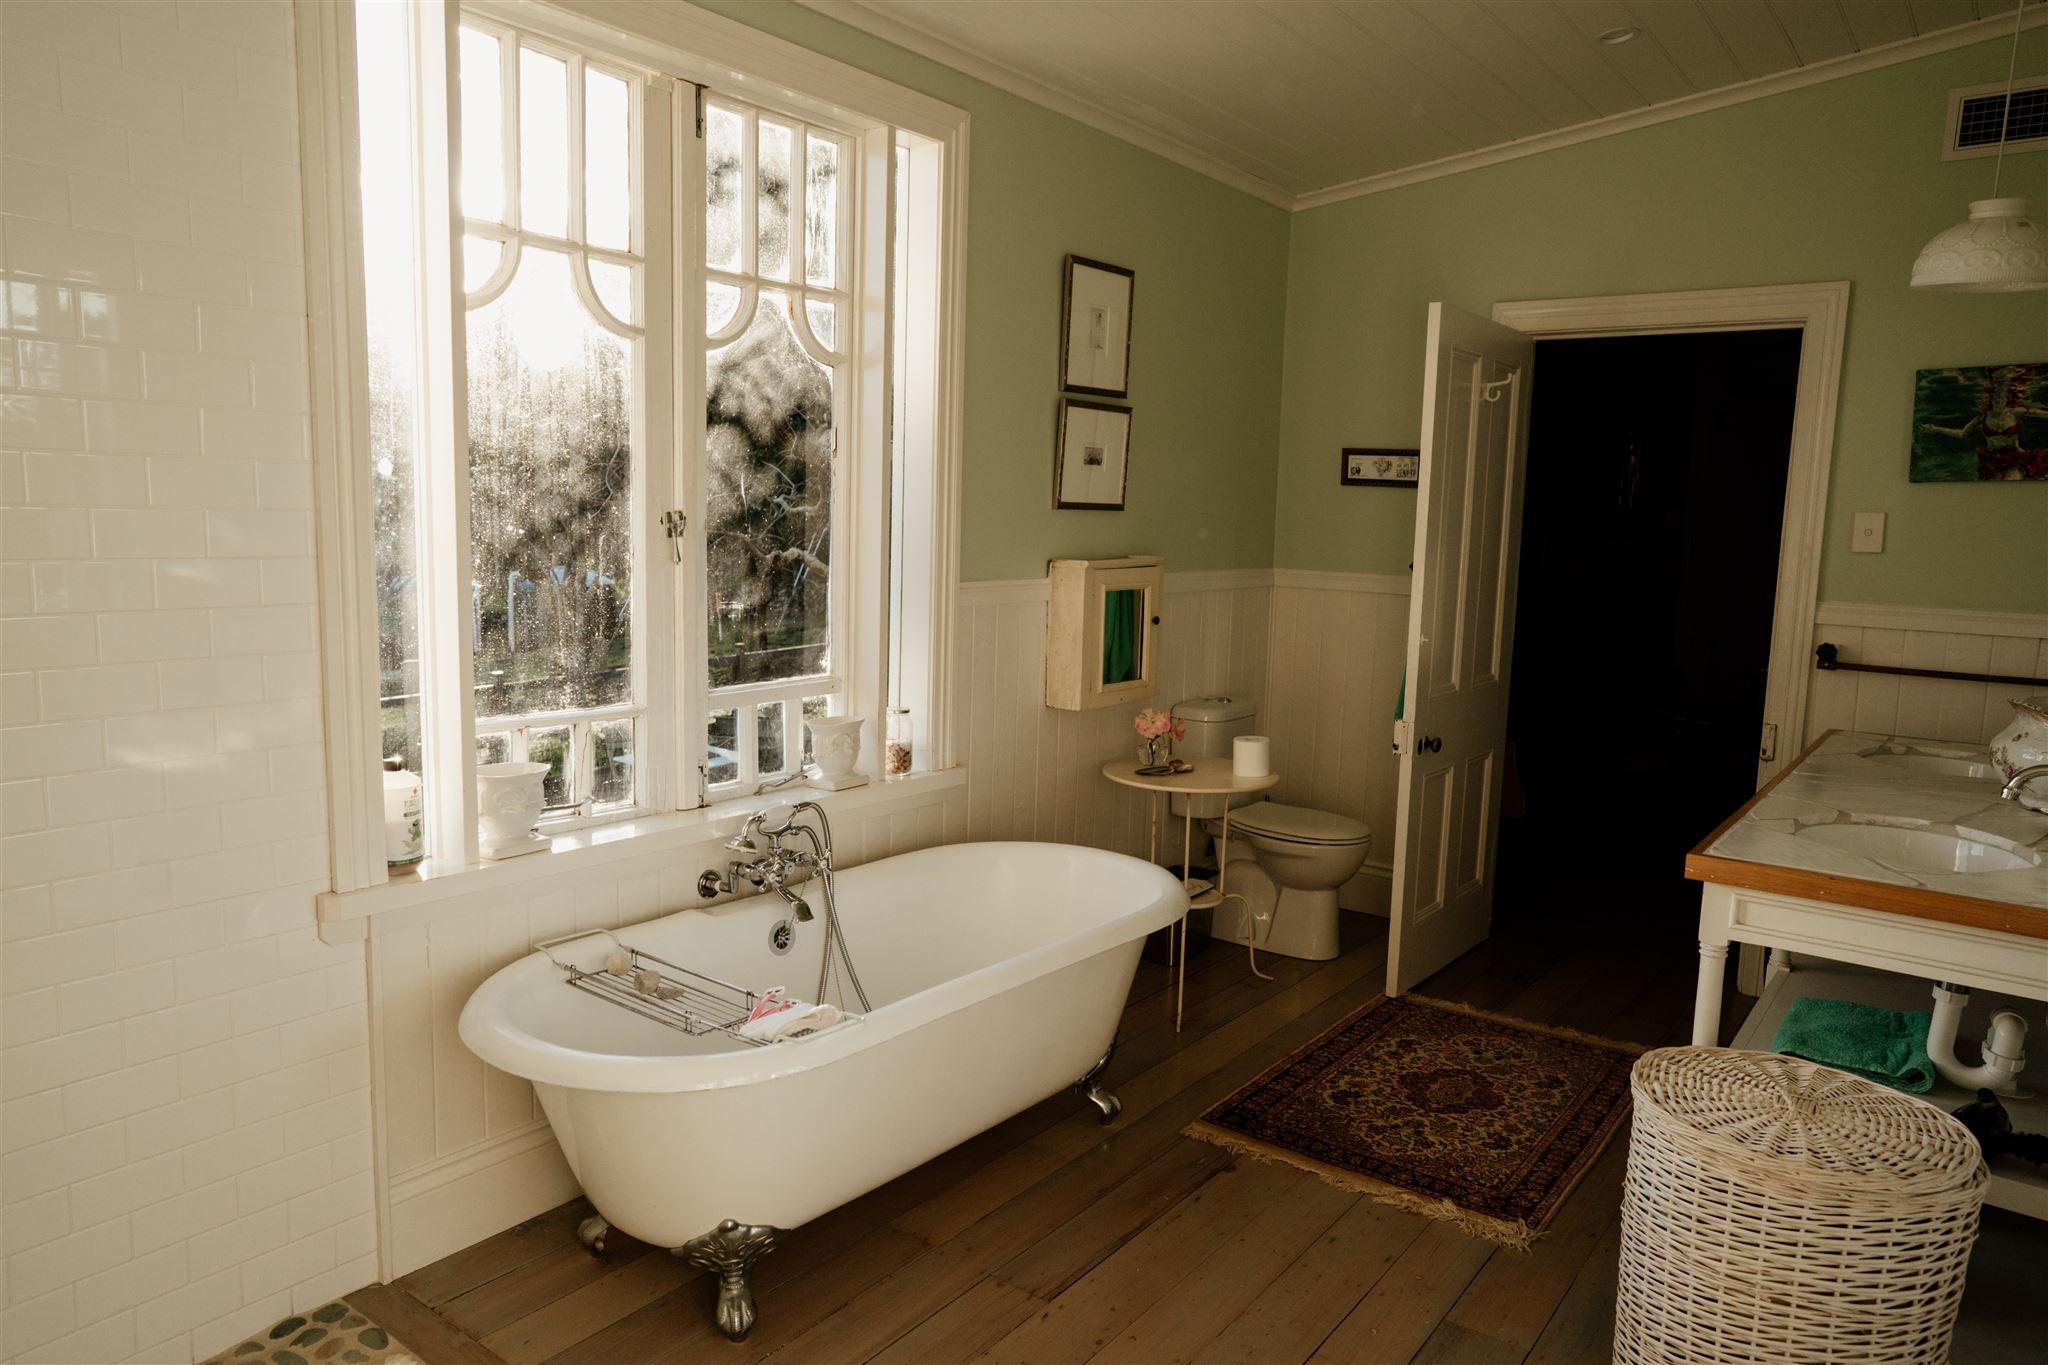 a clawed bathtub in an old fashioned bathtub